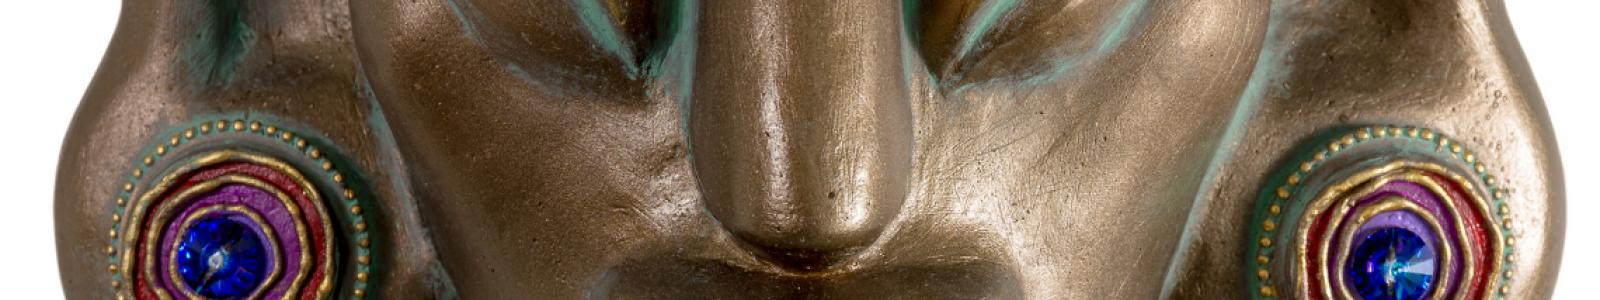 Gallery Sculptor Vladimir Shuvalgin